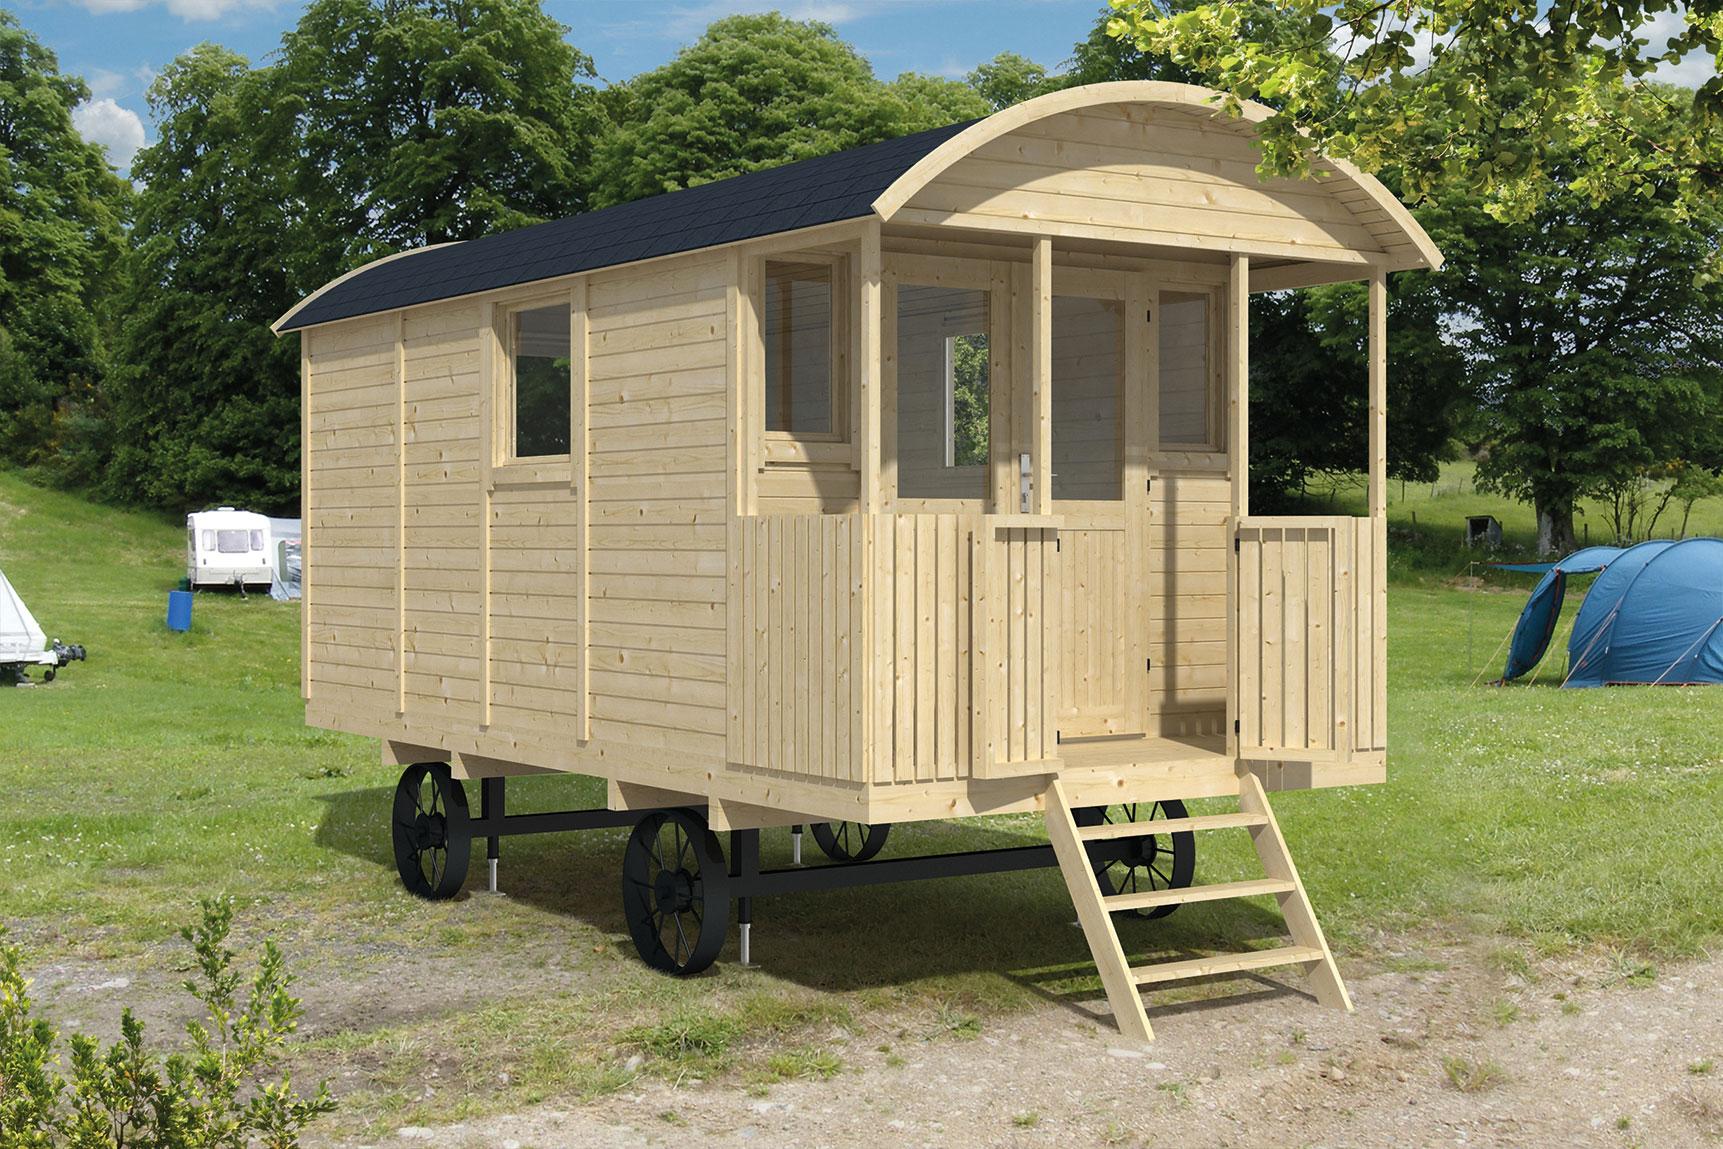 Houten pipowagen kopen 500 x 240 cm schaftkeet te koop bouwkeet - X houten ...